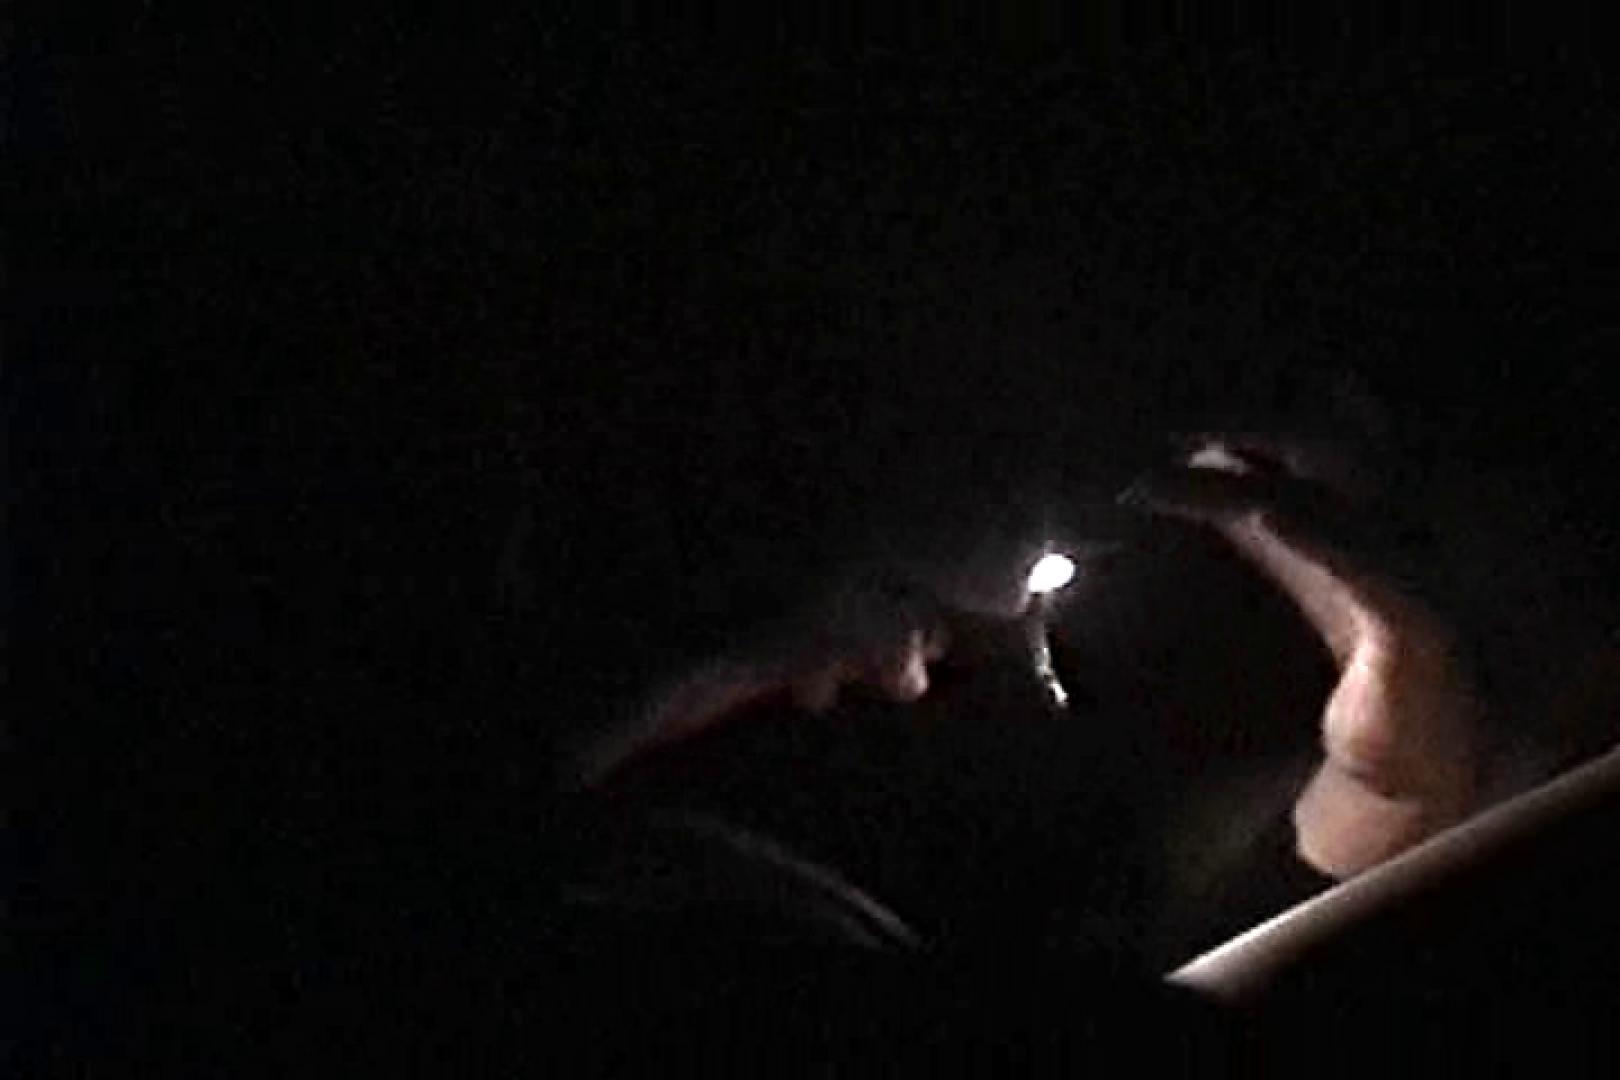 充血監督の深夜の運動会Vol.29 ギャルの実態 覗きぱこり動画紹介 51pic 10